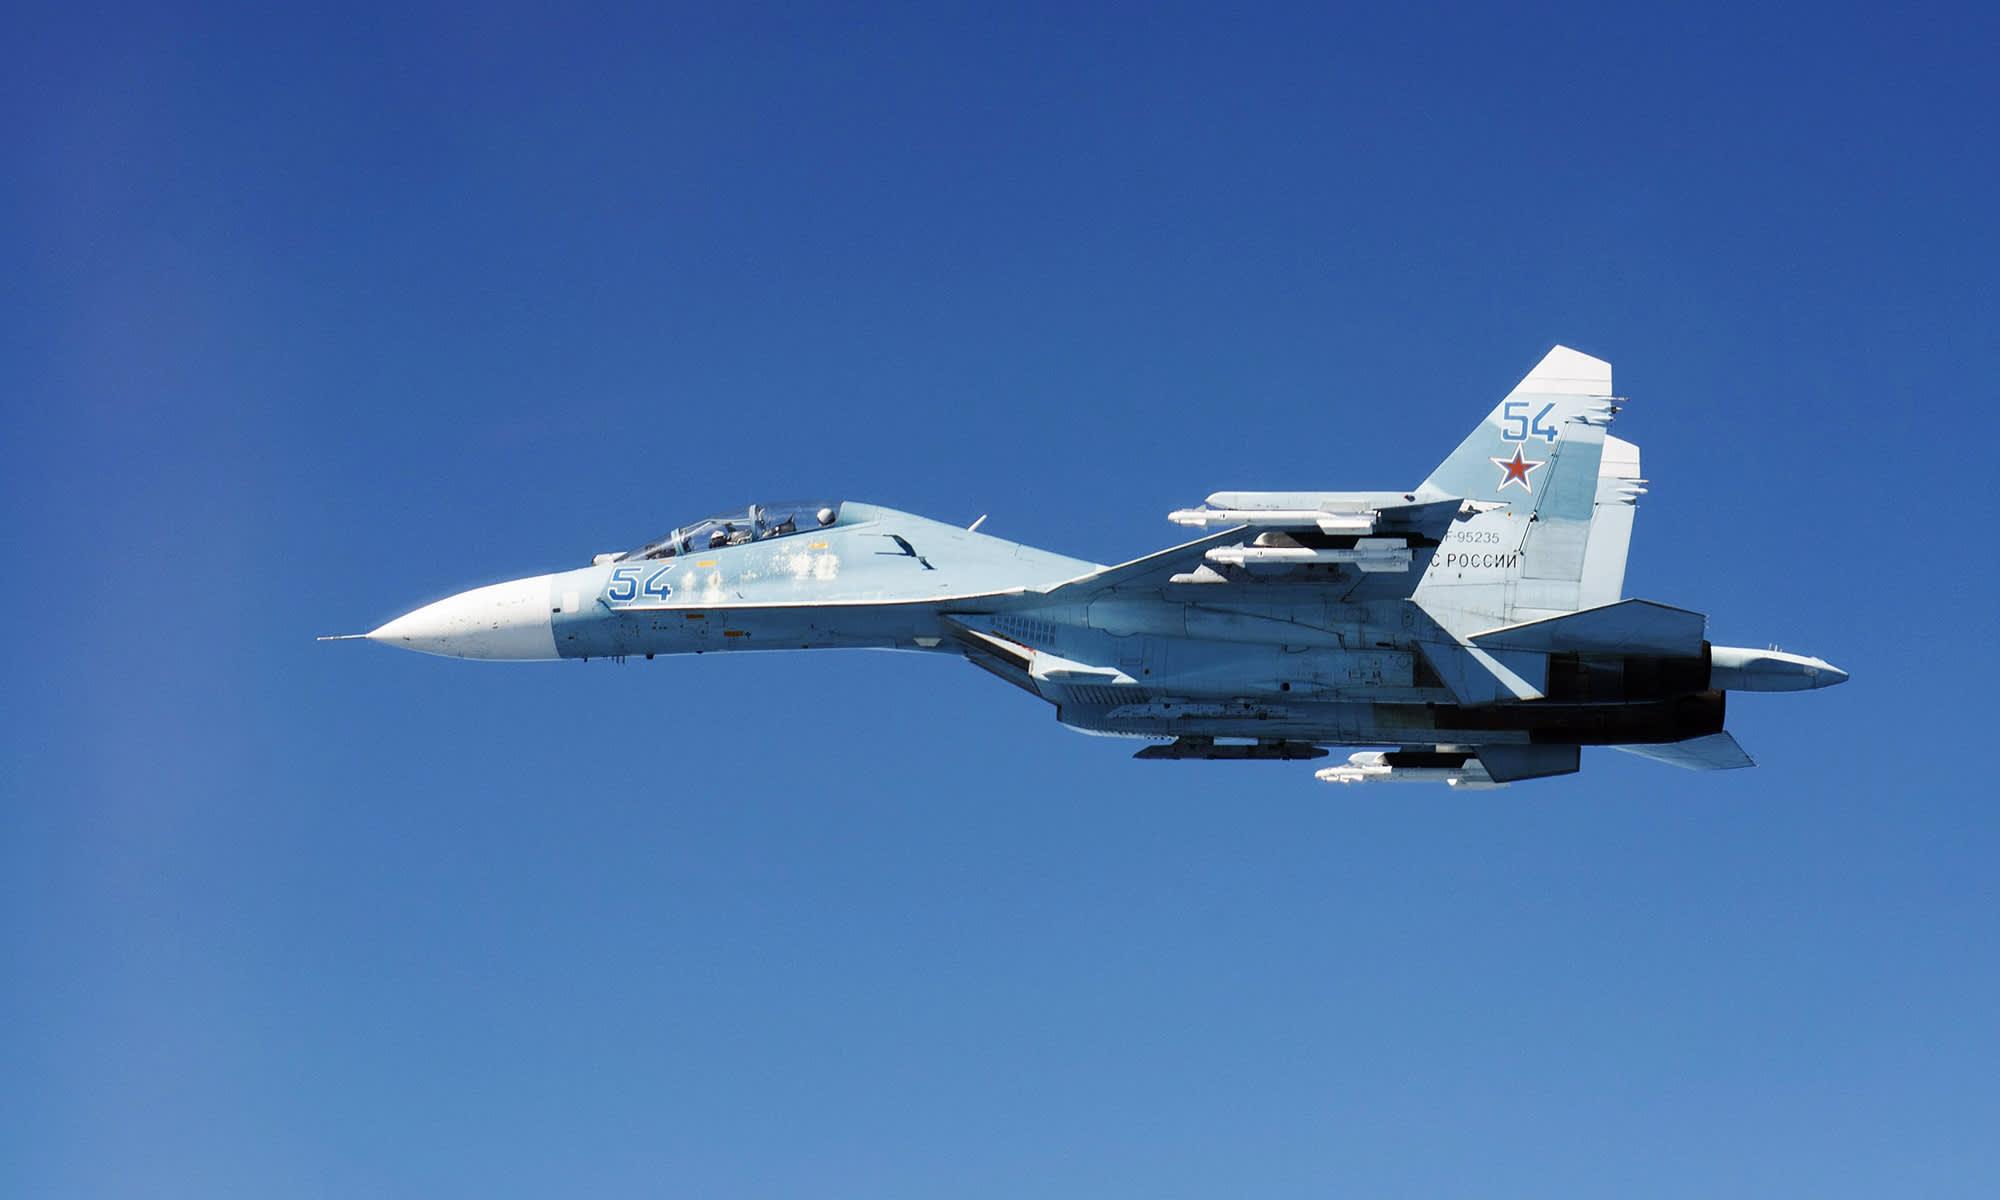 Kuvassa on Suhoi Su-27.